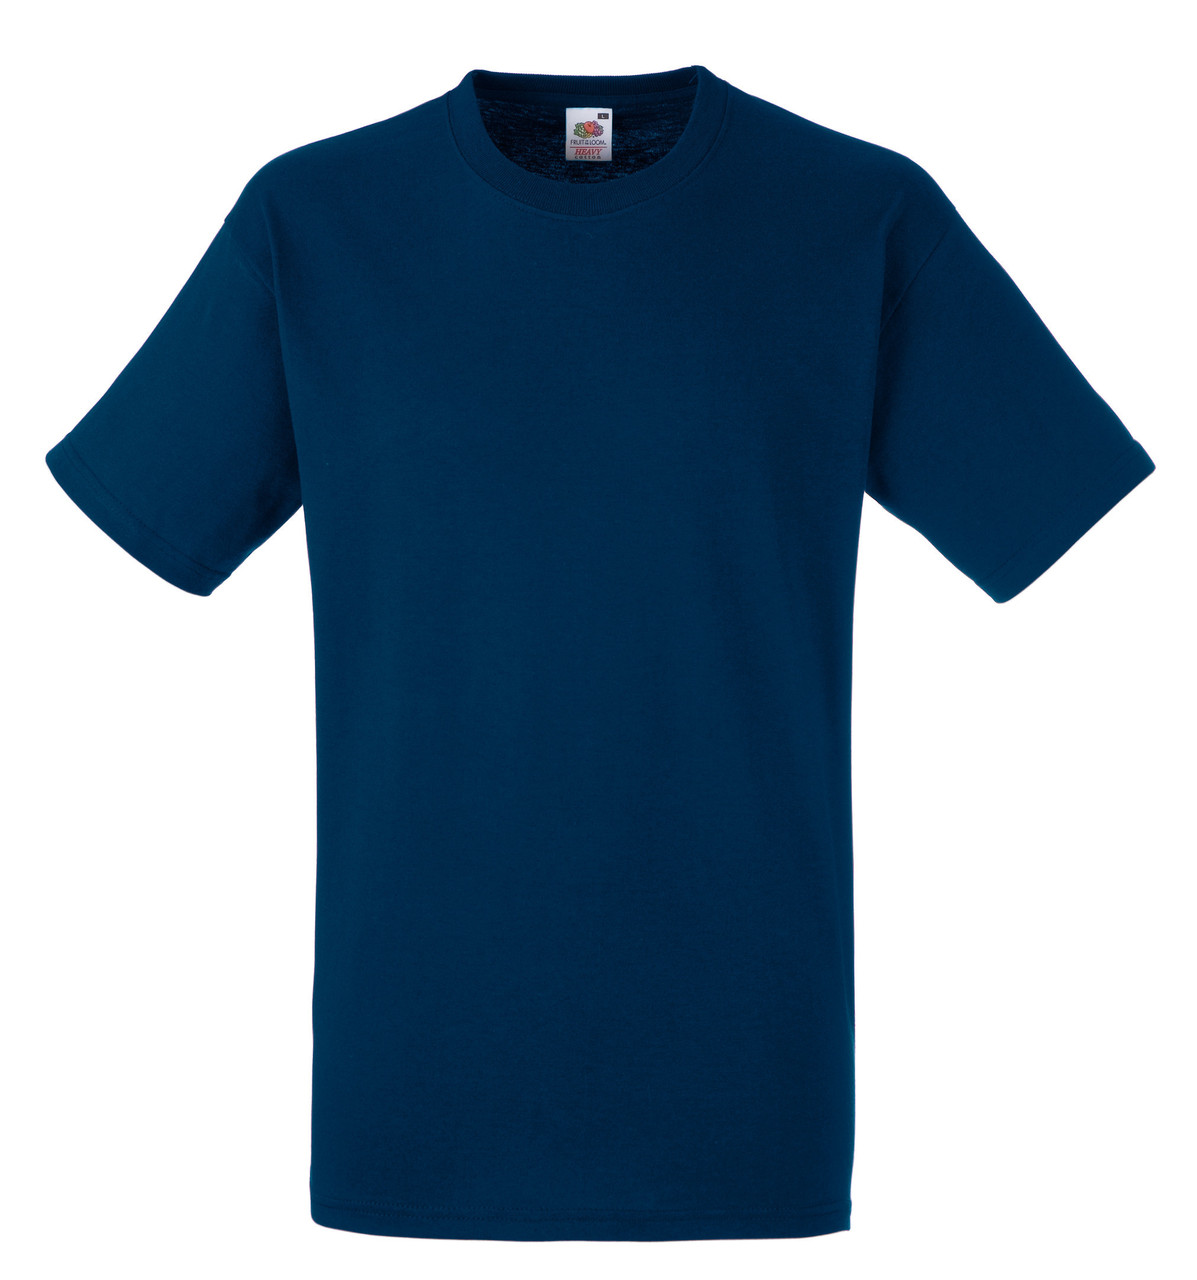 Мужская футболка Плотная Fruit of the loom Тёмно-синий 61-212-32 XL